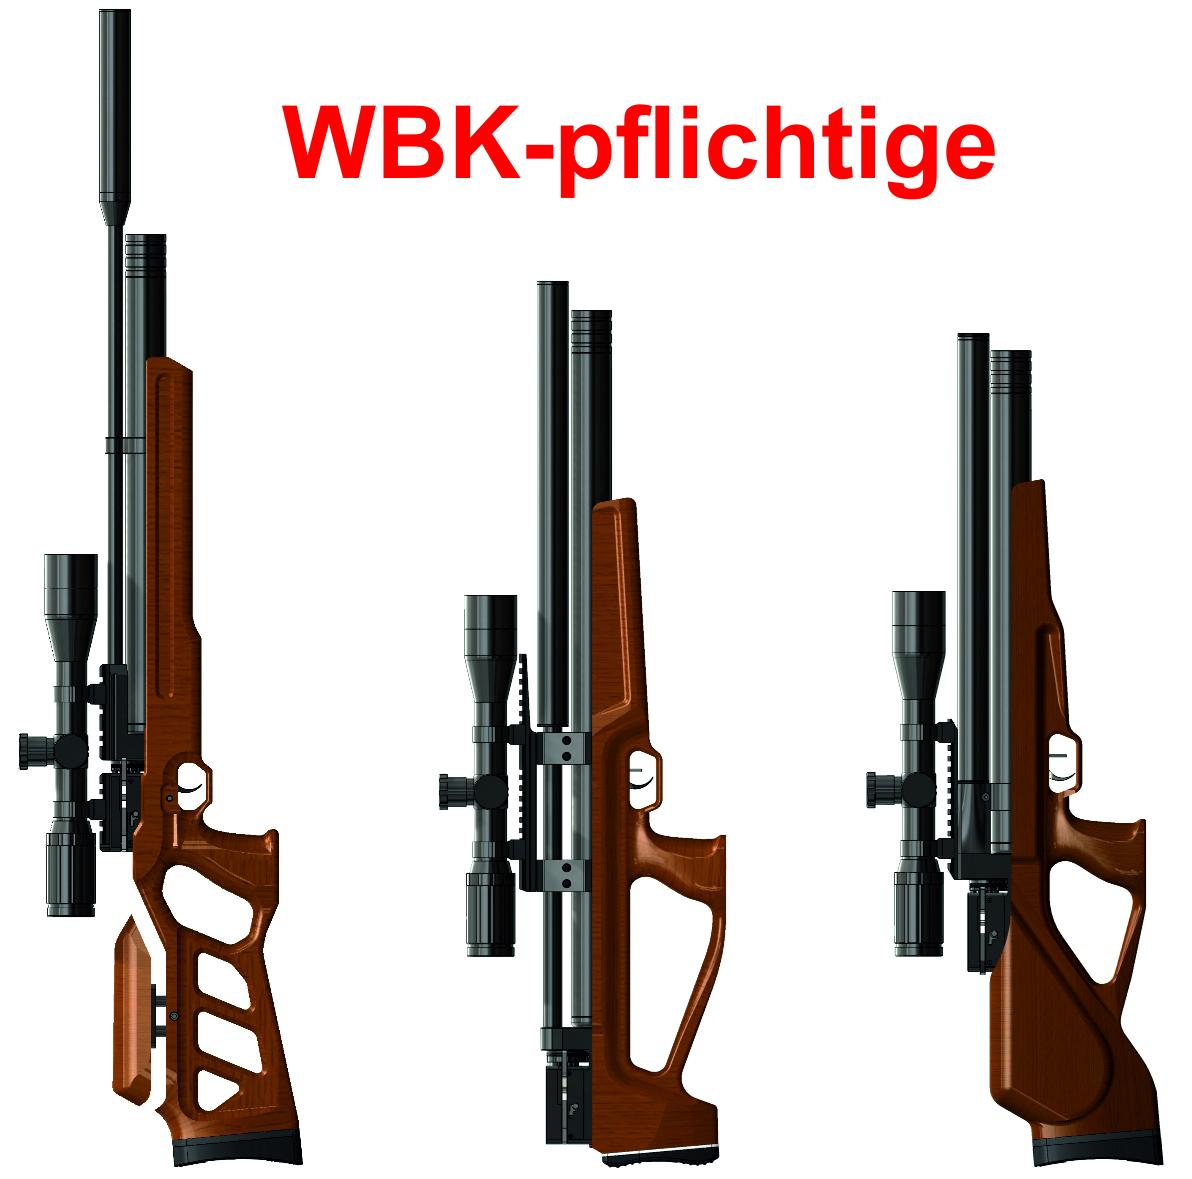 Waffen WBK-pflichtige